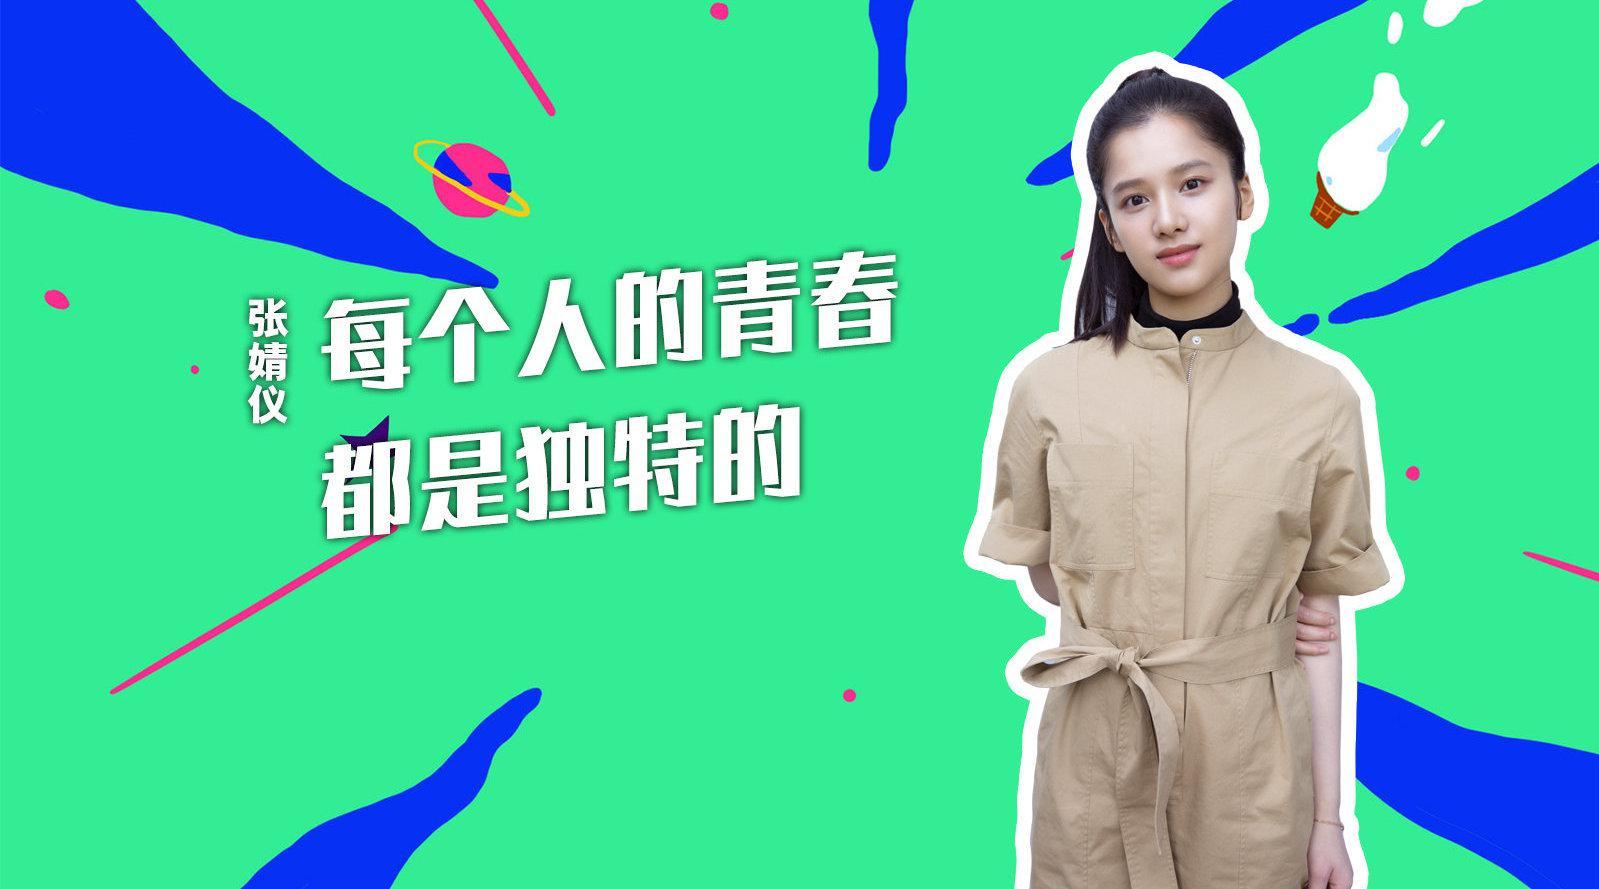 张婧仪:每个人的青春都是独特的 酷的像风……